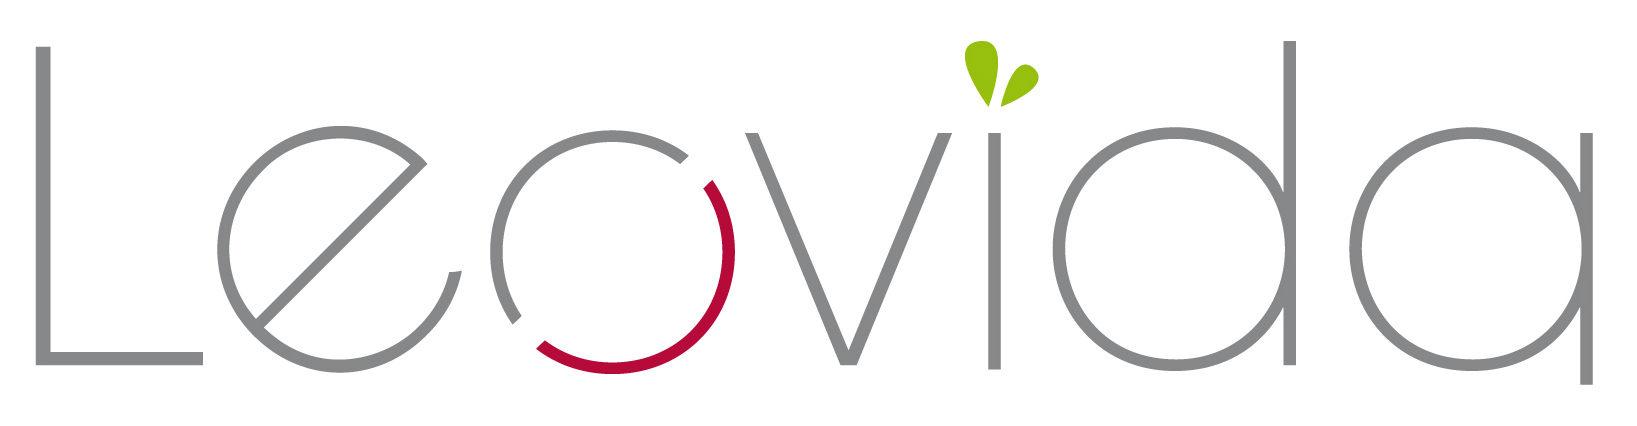 Leovida, le blog